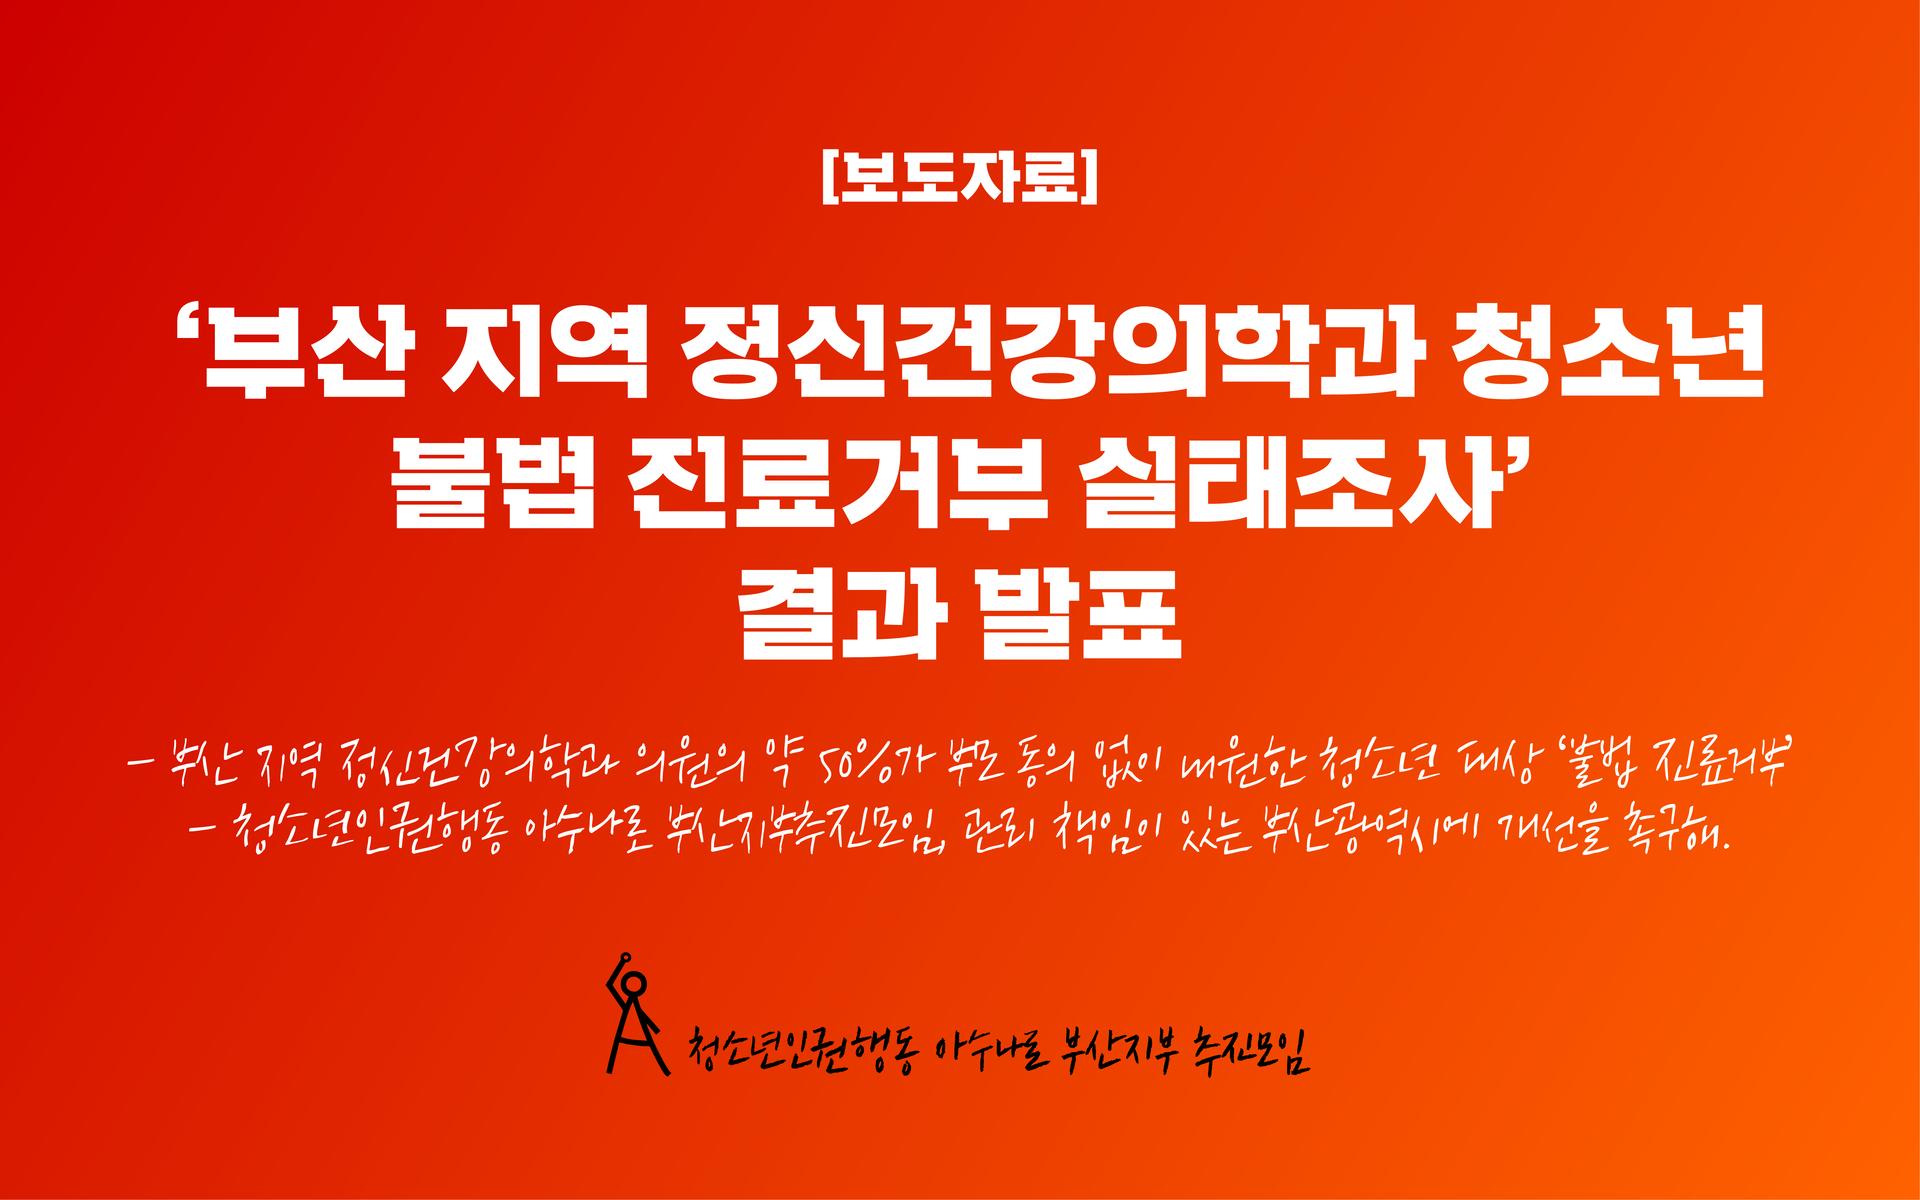 [사진] [보도자료] 부산지역 정신건강의학과 청소년 불법 진료거부 실태조사 결과 발표라고 쓰여 있다.